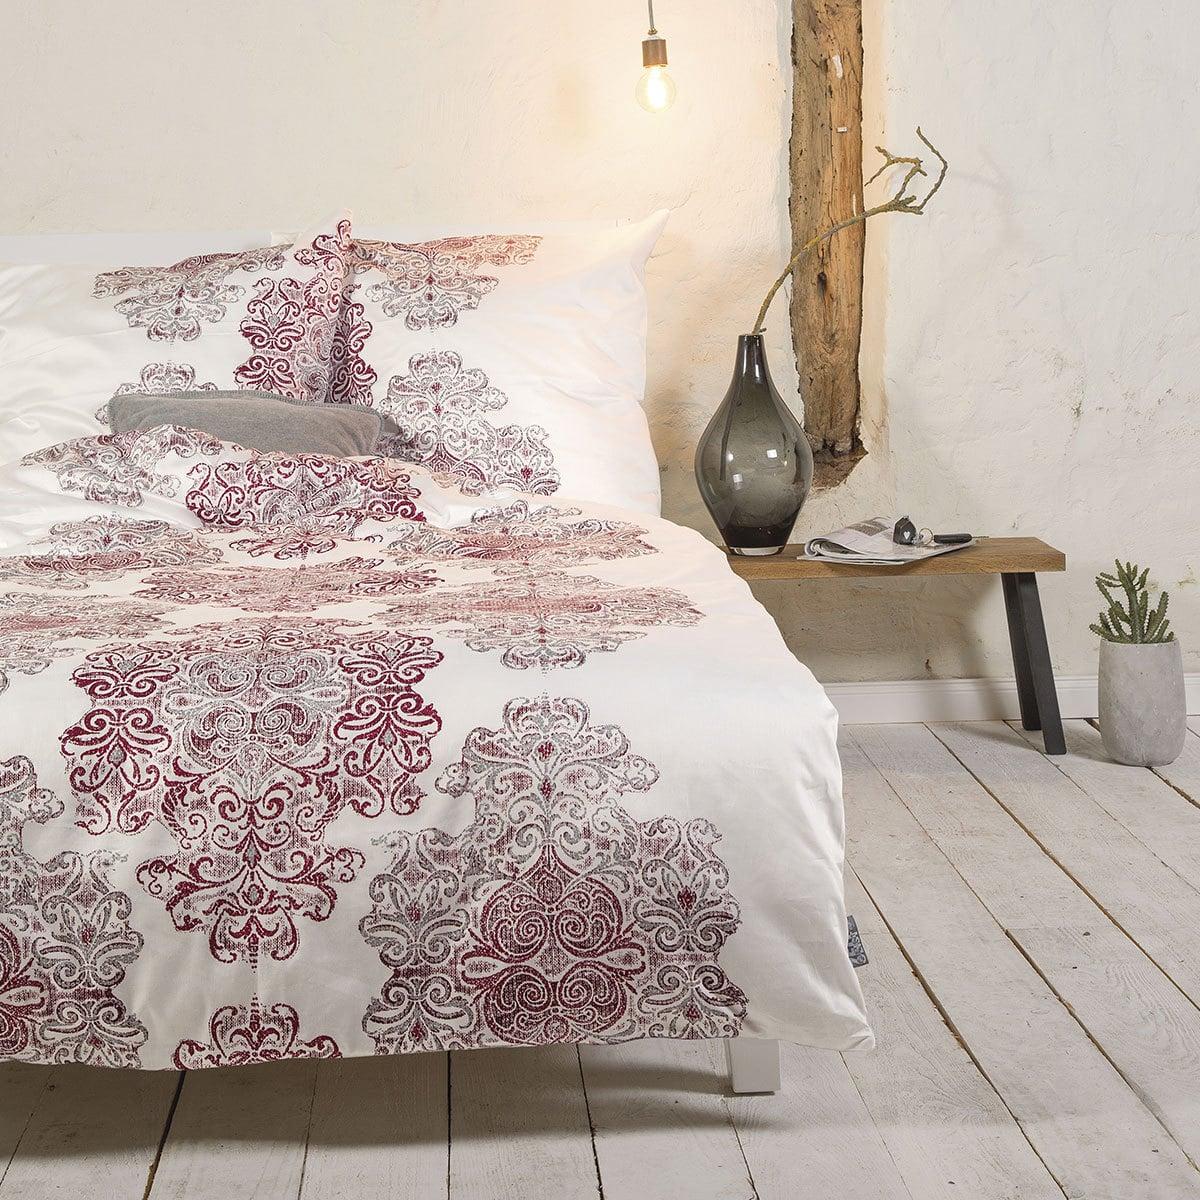 ibena mako satin bettw sche zeitgeist ornamente g nstig. Black Bedroom Furniture Sets. Home Design Ideas